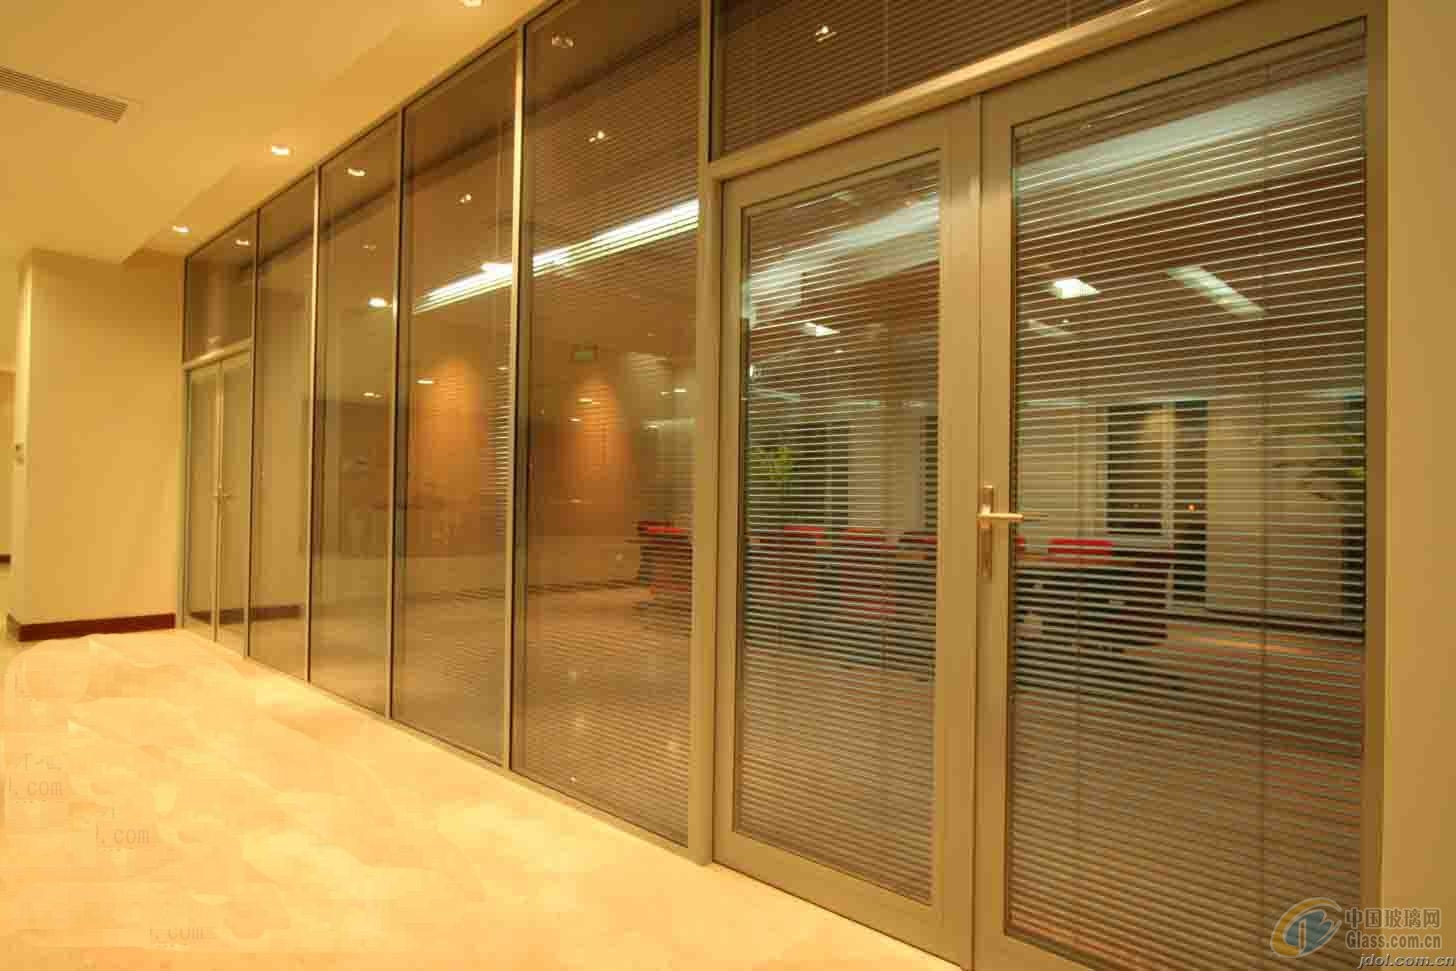 泰安玻璃隔断适用的范围很广,包括门厅、客厅、卫生间、浴室、厨房、走廊玄关等等。下面,我们就来介绍一下高隔间产品用的安装要领。 1、门厅:如果您的门厅与客厅是相连接在一起的空间,那么如果不安装高隔间就会使您的室内看起来更家凌乱,毫无章法可言,最主要的一点是会严重的影响到您的生活,使您的客厅没有了私密感,整个客厅会一览无余。如果在这种门厅与客厅相连接的空间内,装修安装一个高隔间,那么这样会使您的空间增加更多的层次感,从而您也可以选择把鞋柜与高隔间结合在一起进行设计,这样一来美观与实用功能并存,何乐而不为呢?